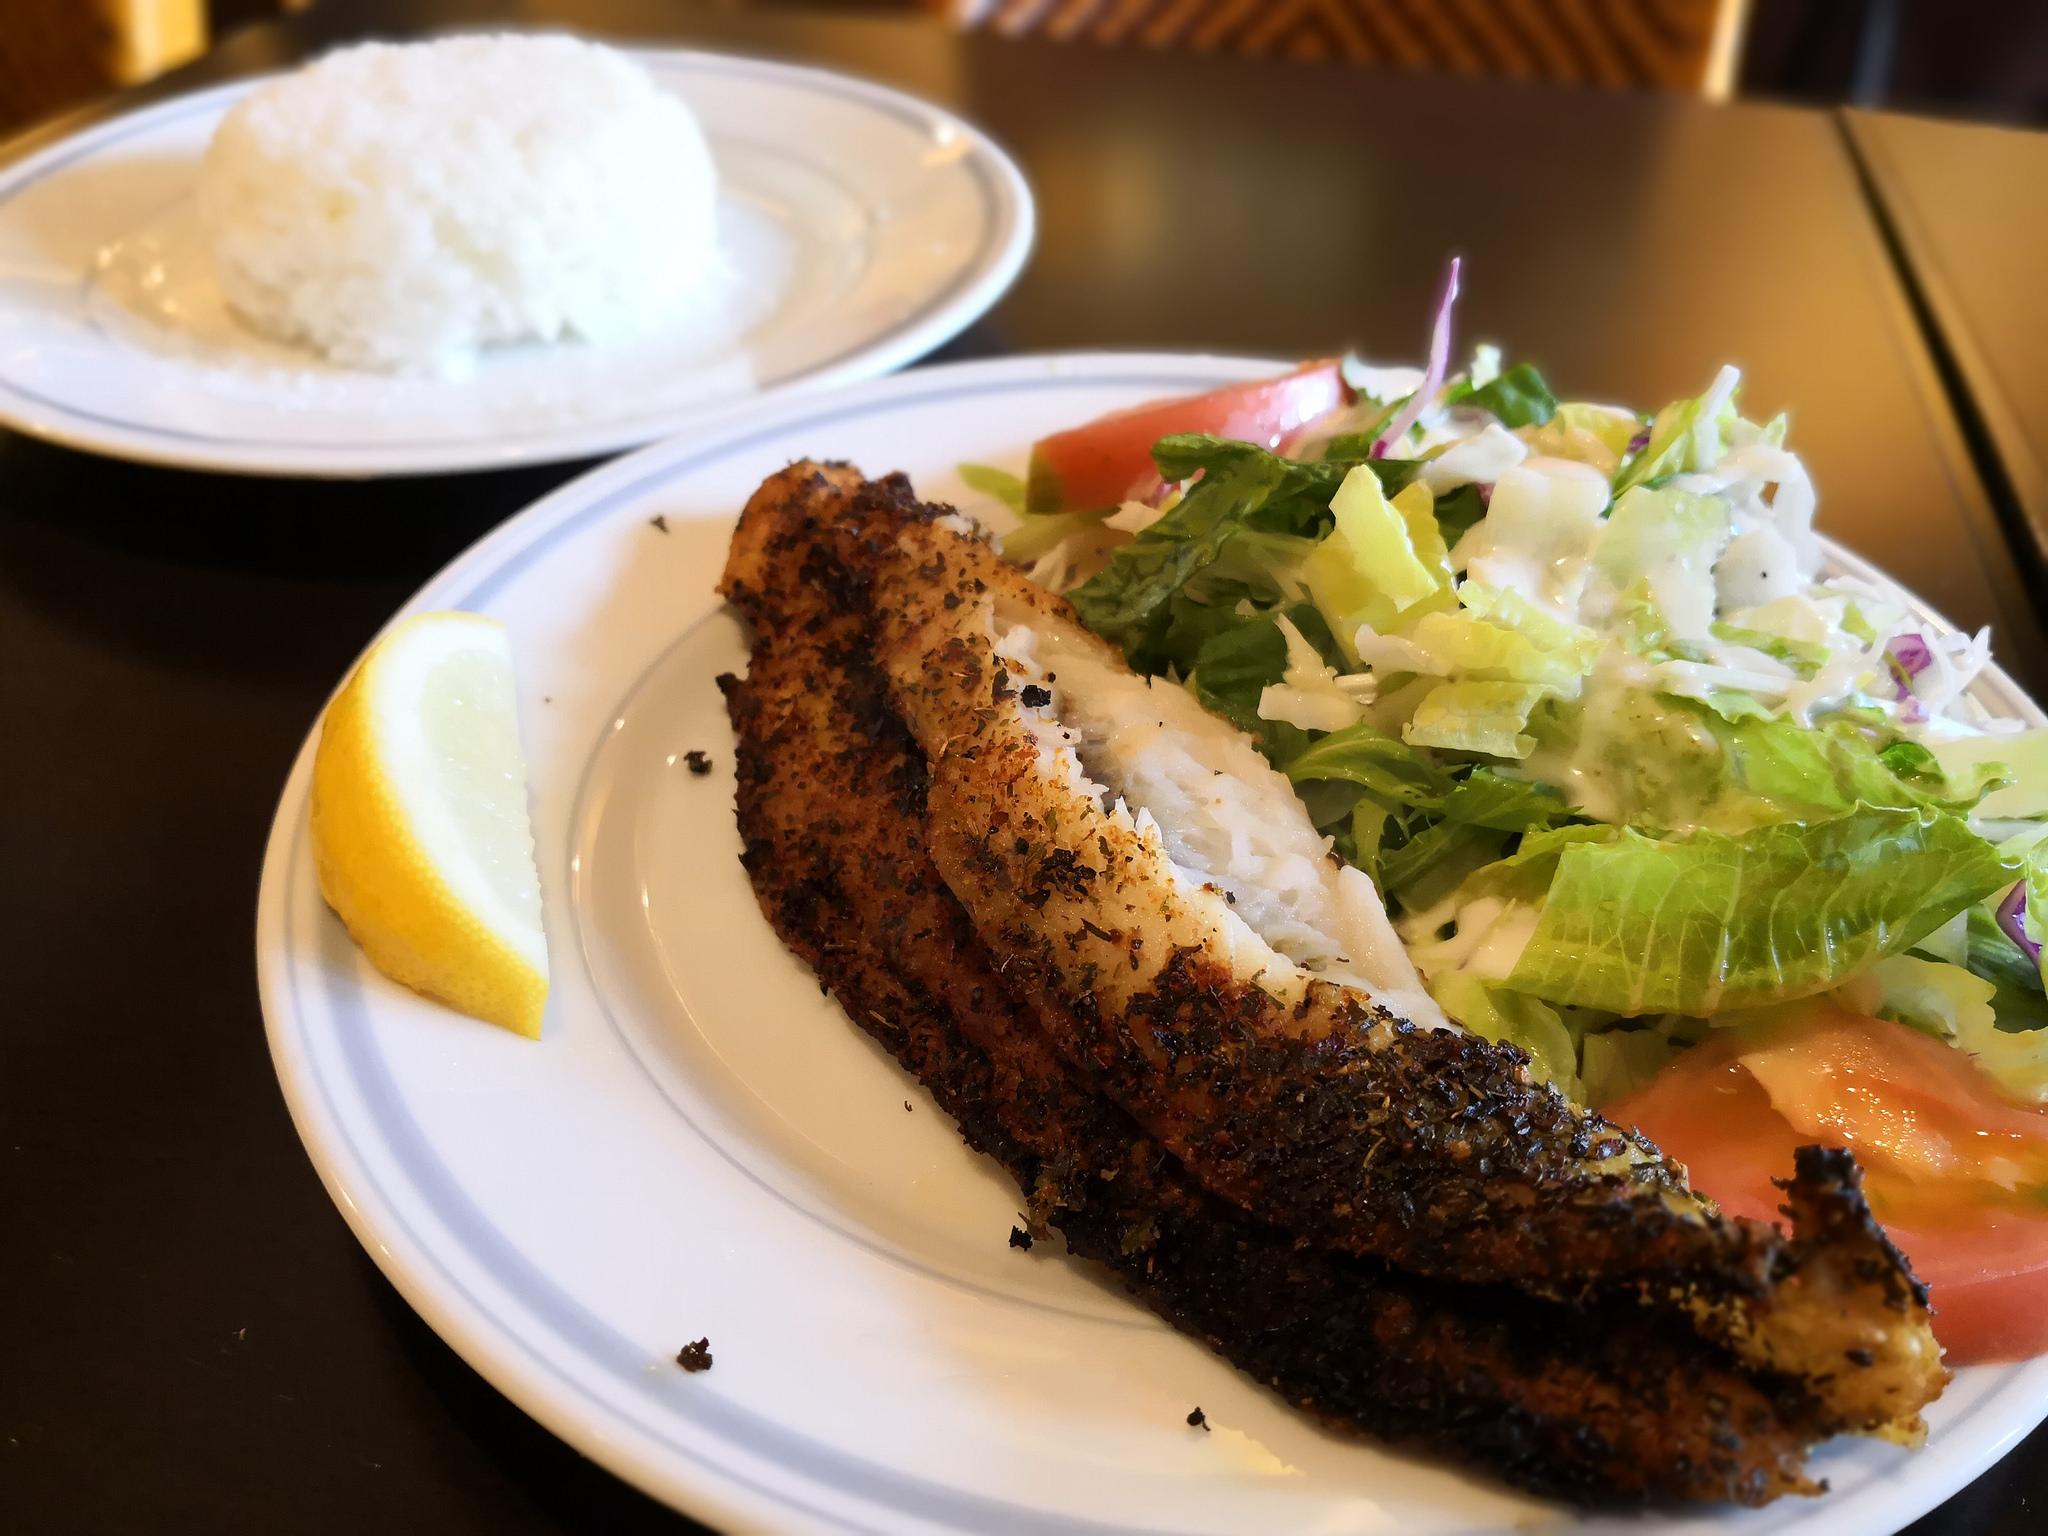 【五反田】マシューコウズ・バッファローカフェ@フレンドリーなお母さんが作るケニアの家庭料理。